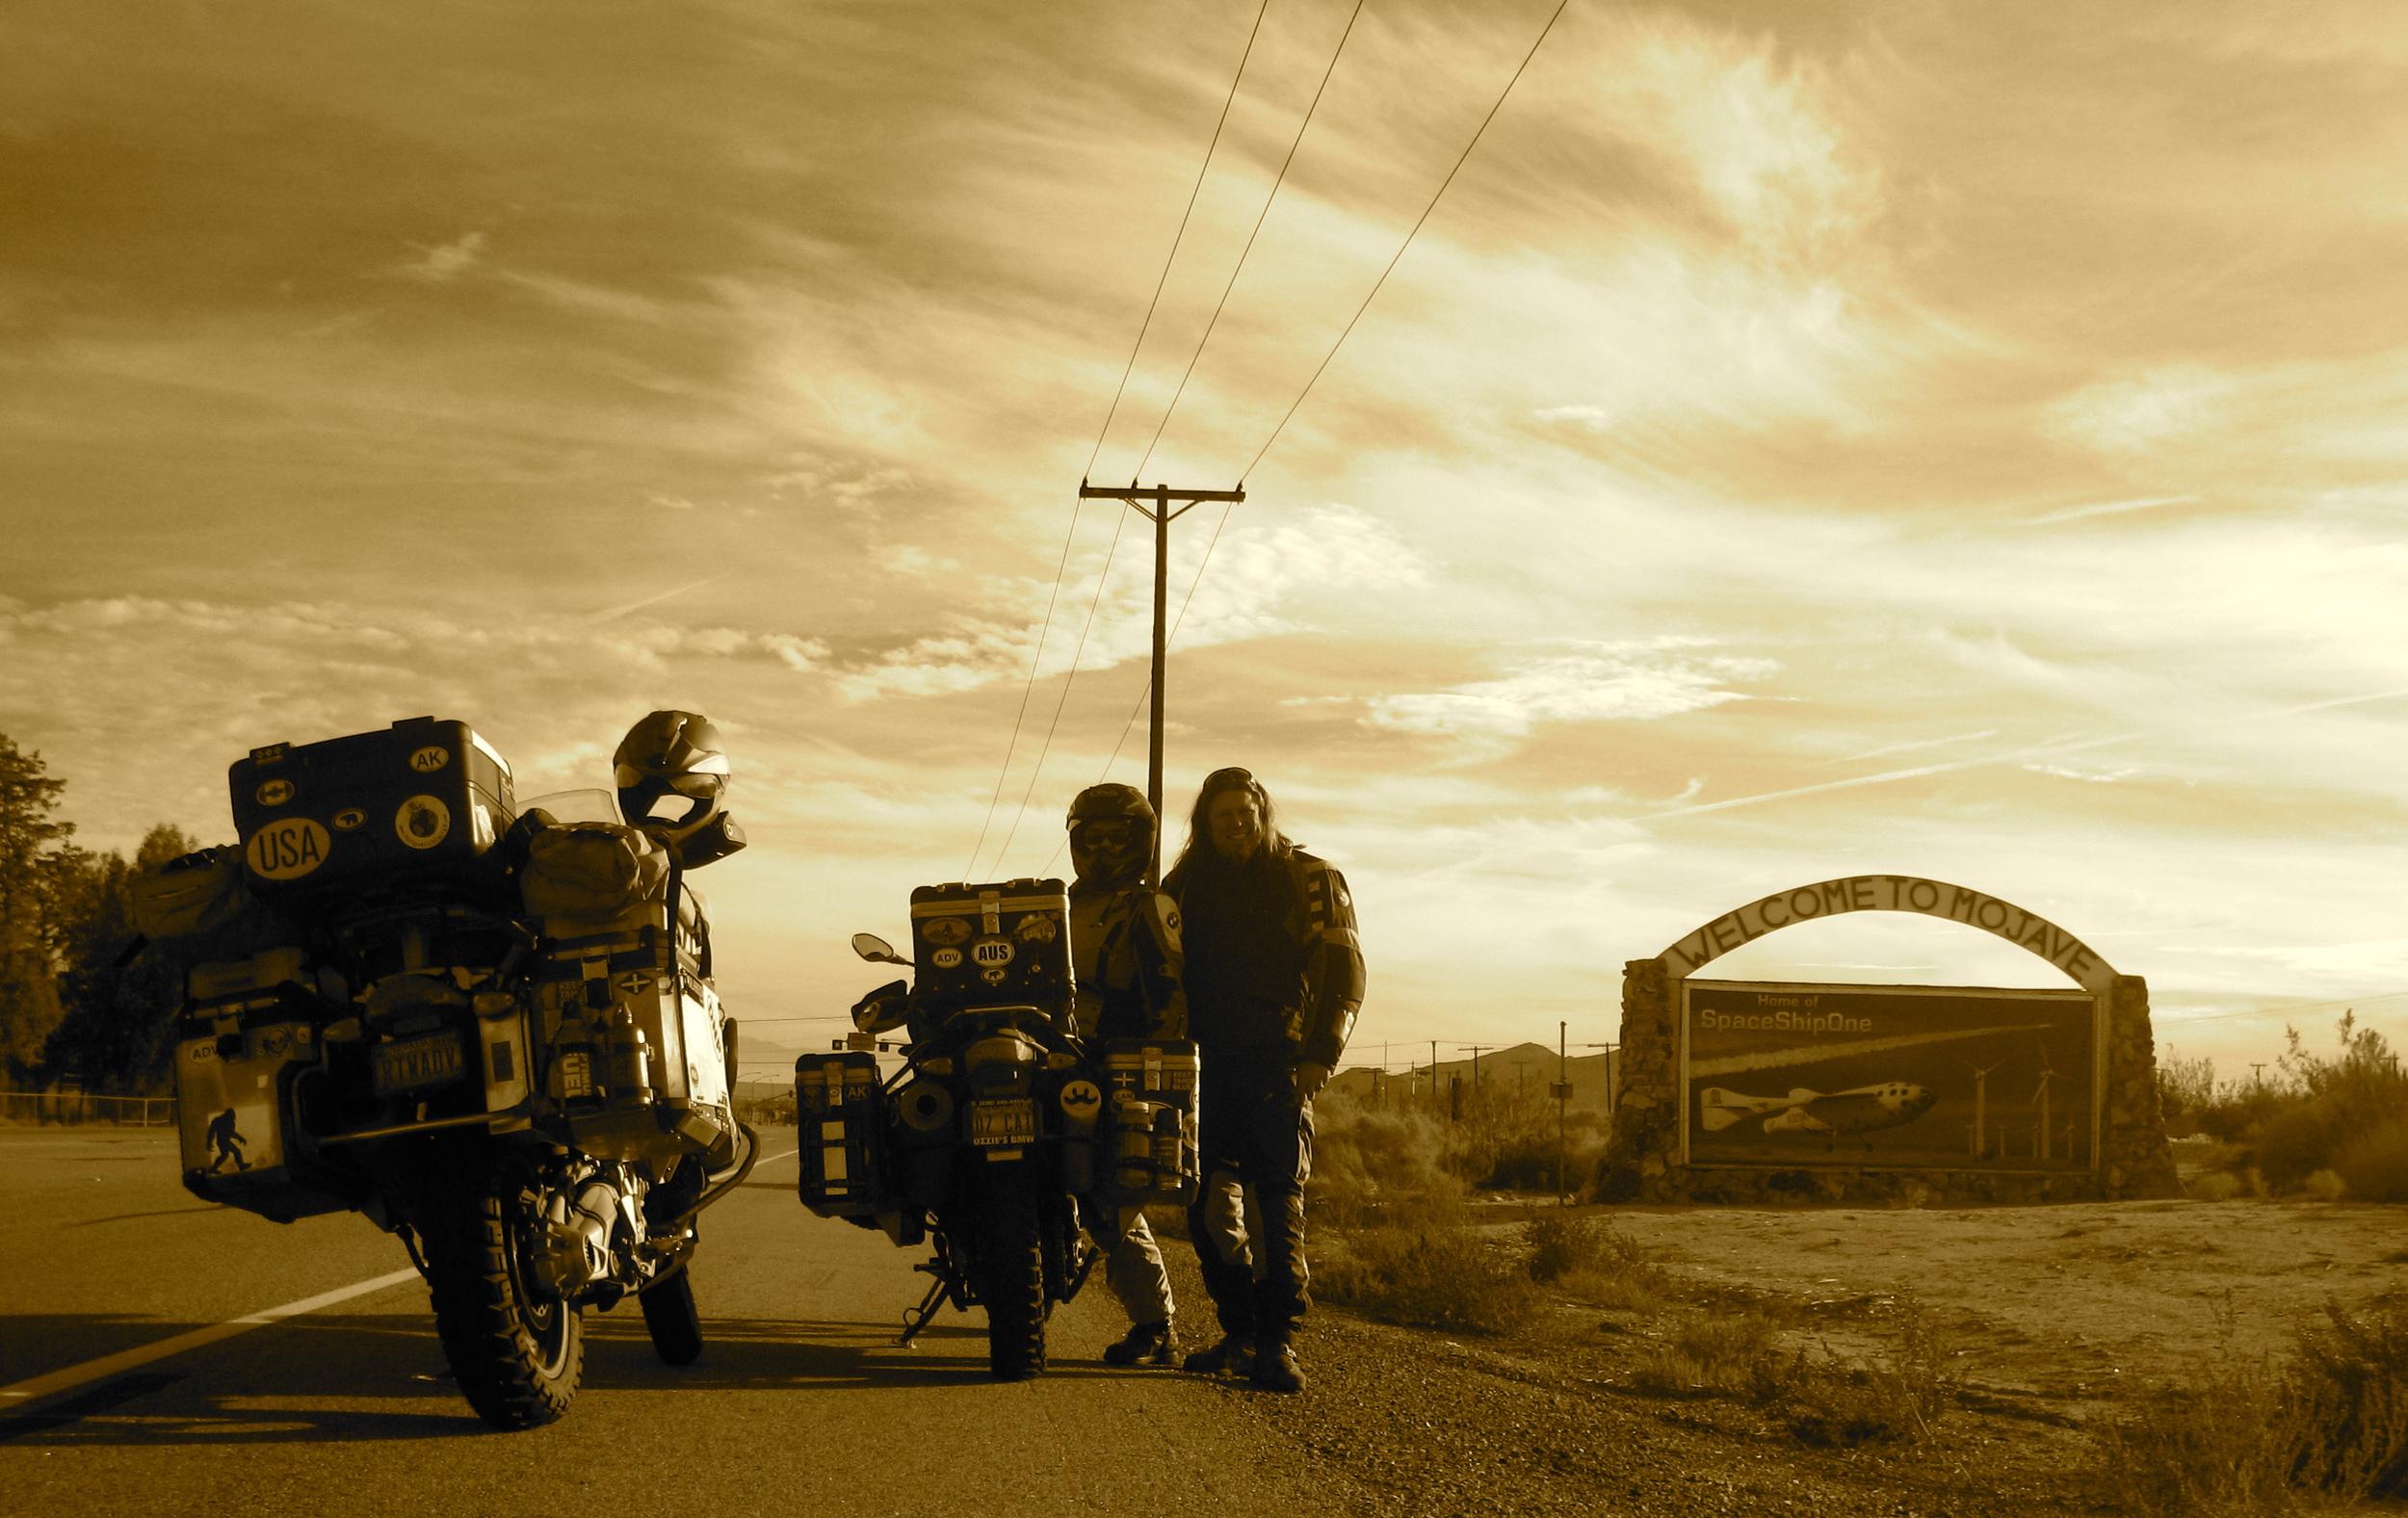 Arrival in Mojave, Ca